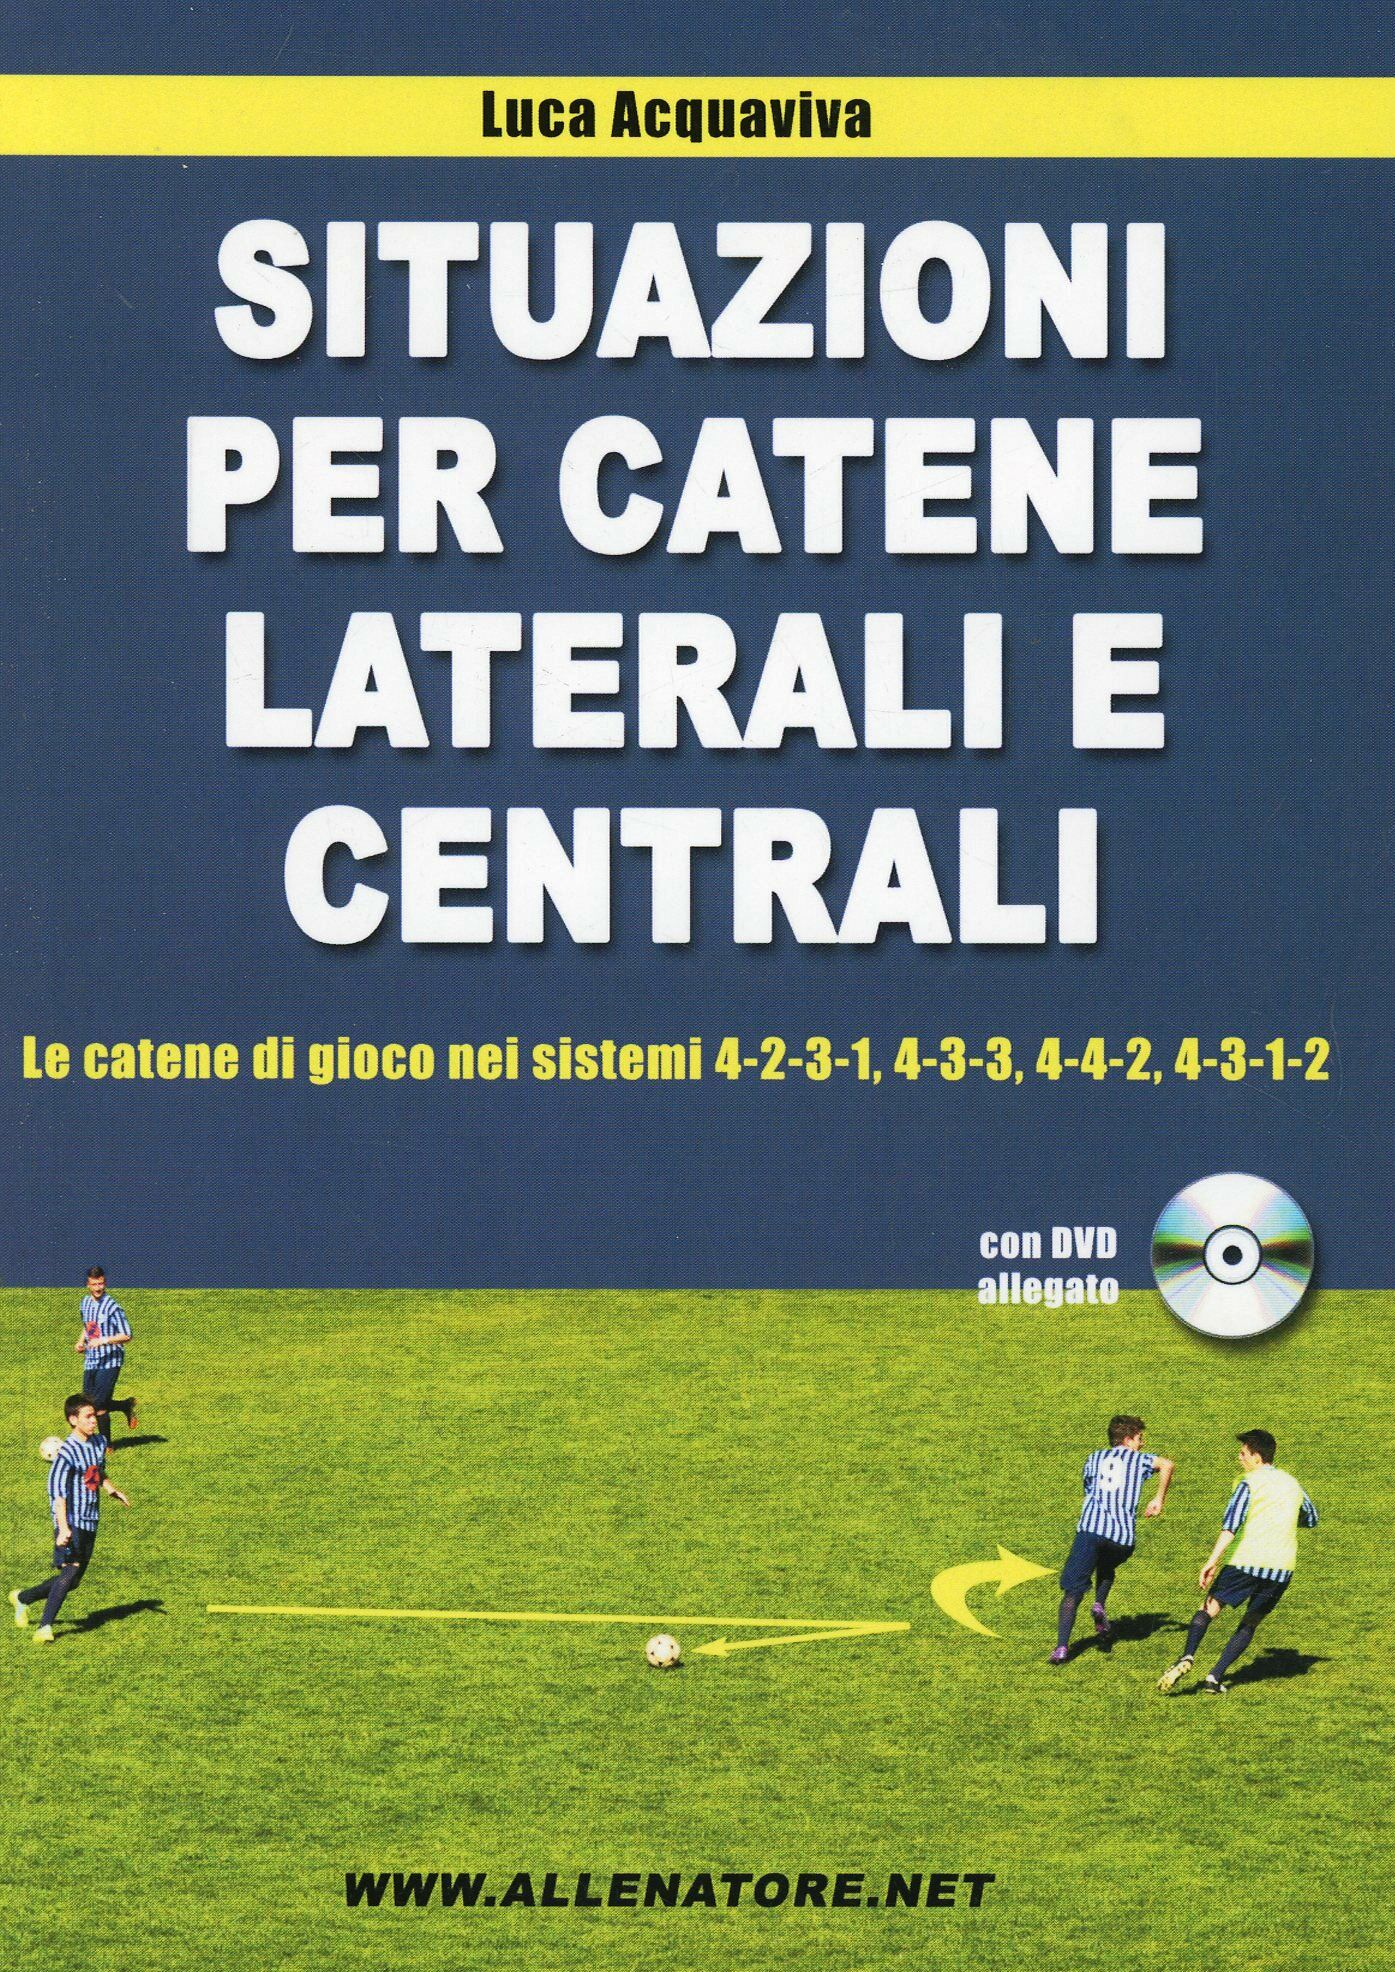 Situazioni per catene laterali e centrali. Le catene di gioco nei sistemi 4-2-3-1, 4-3-3, 4-4-2, 4-3-1-2. Con DVD